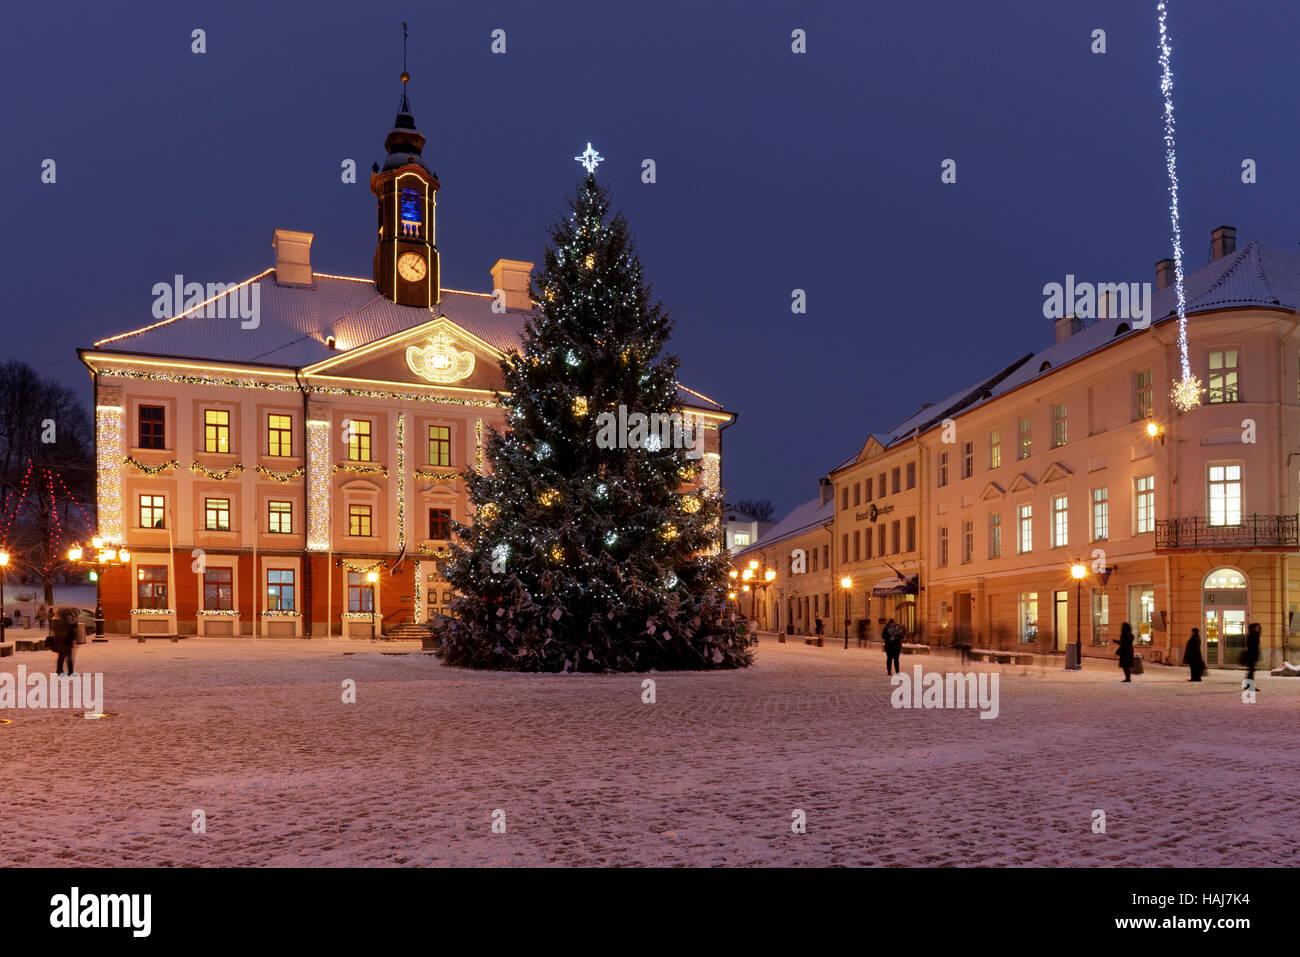 Tartu Town Hall Square with Christmas tree - Stock Image